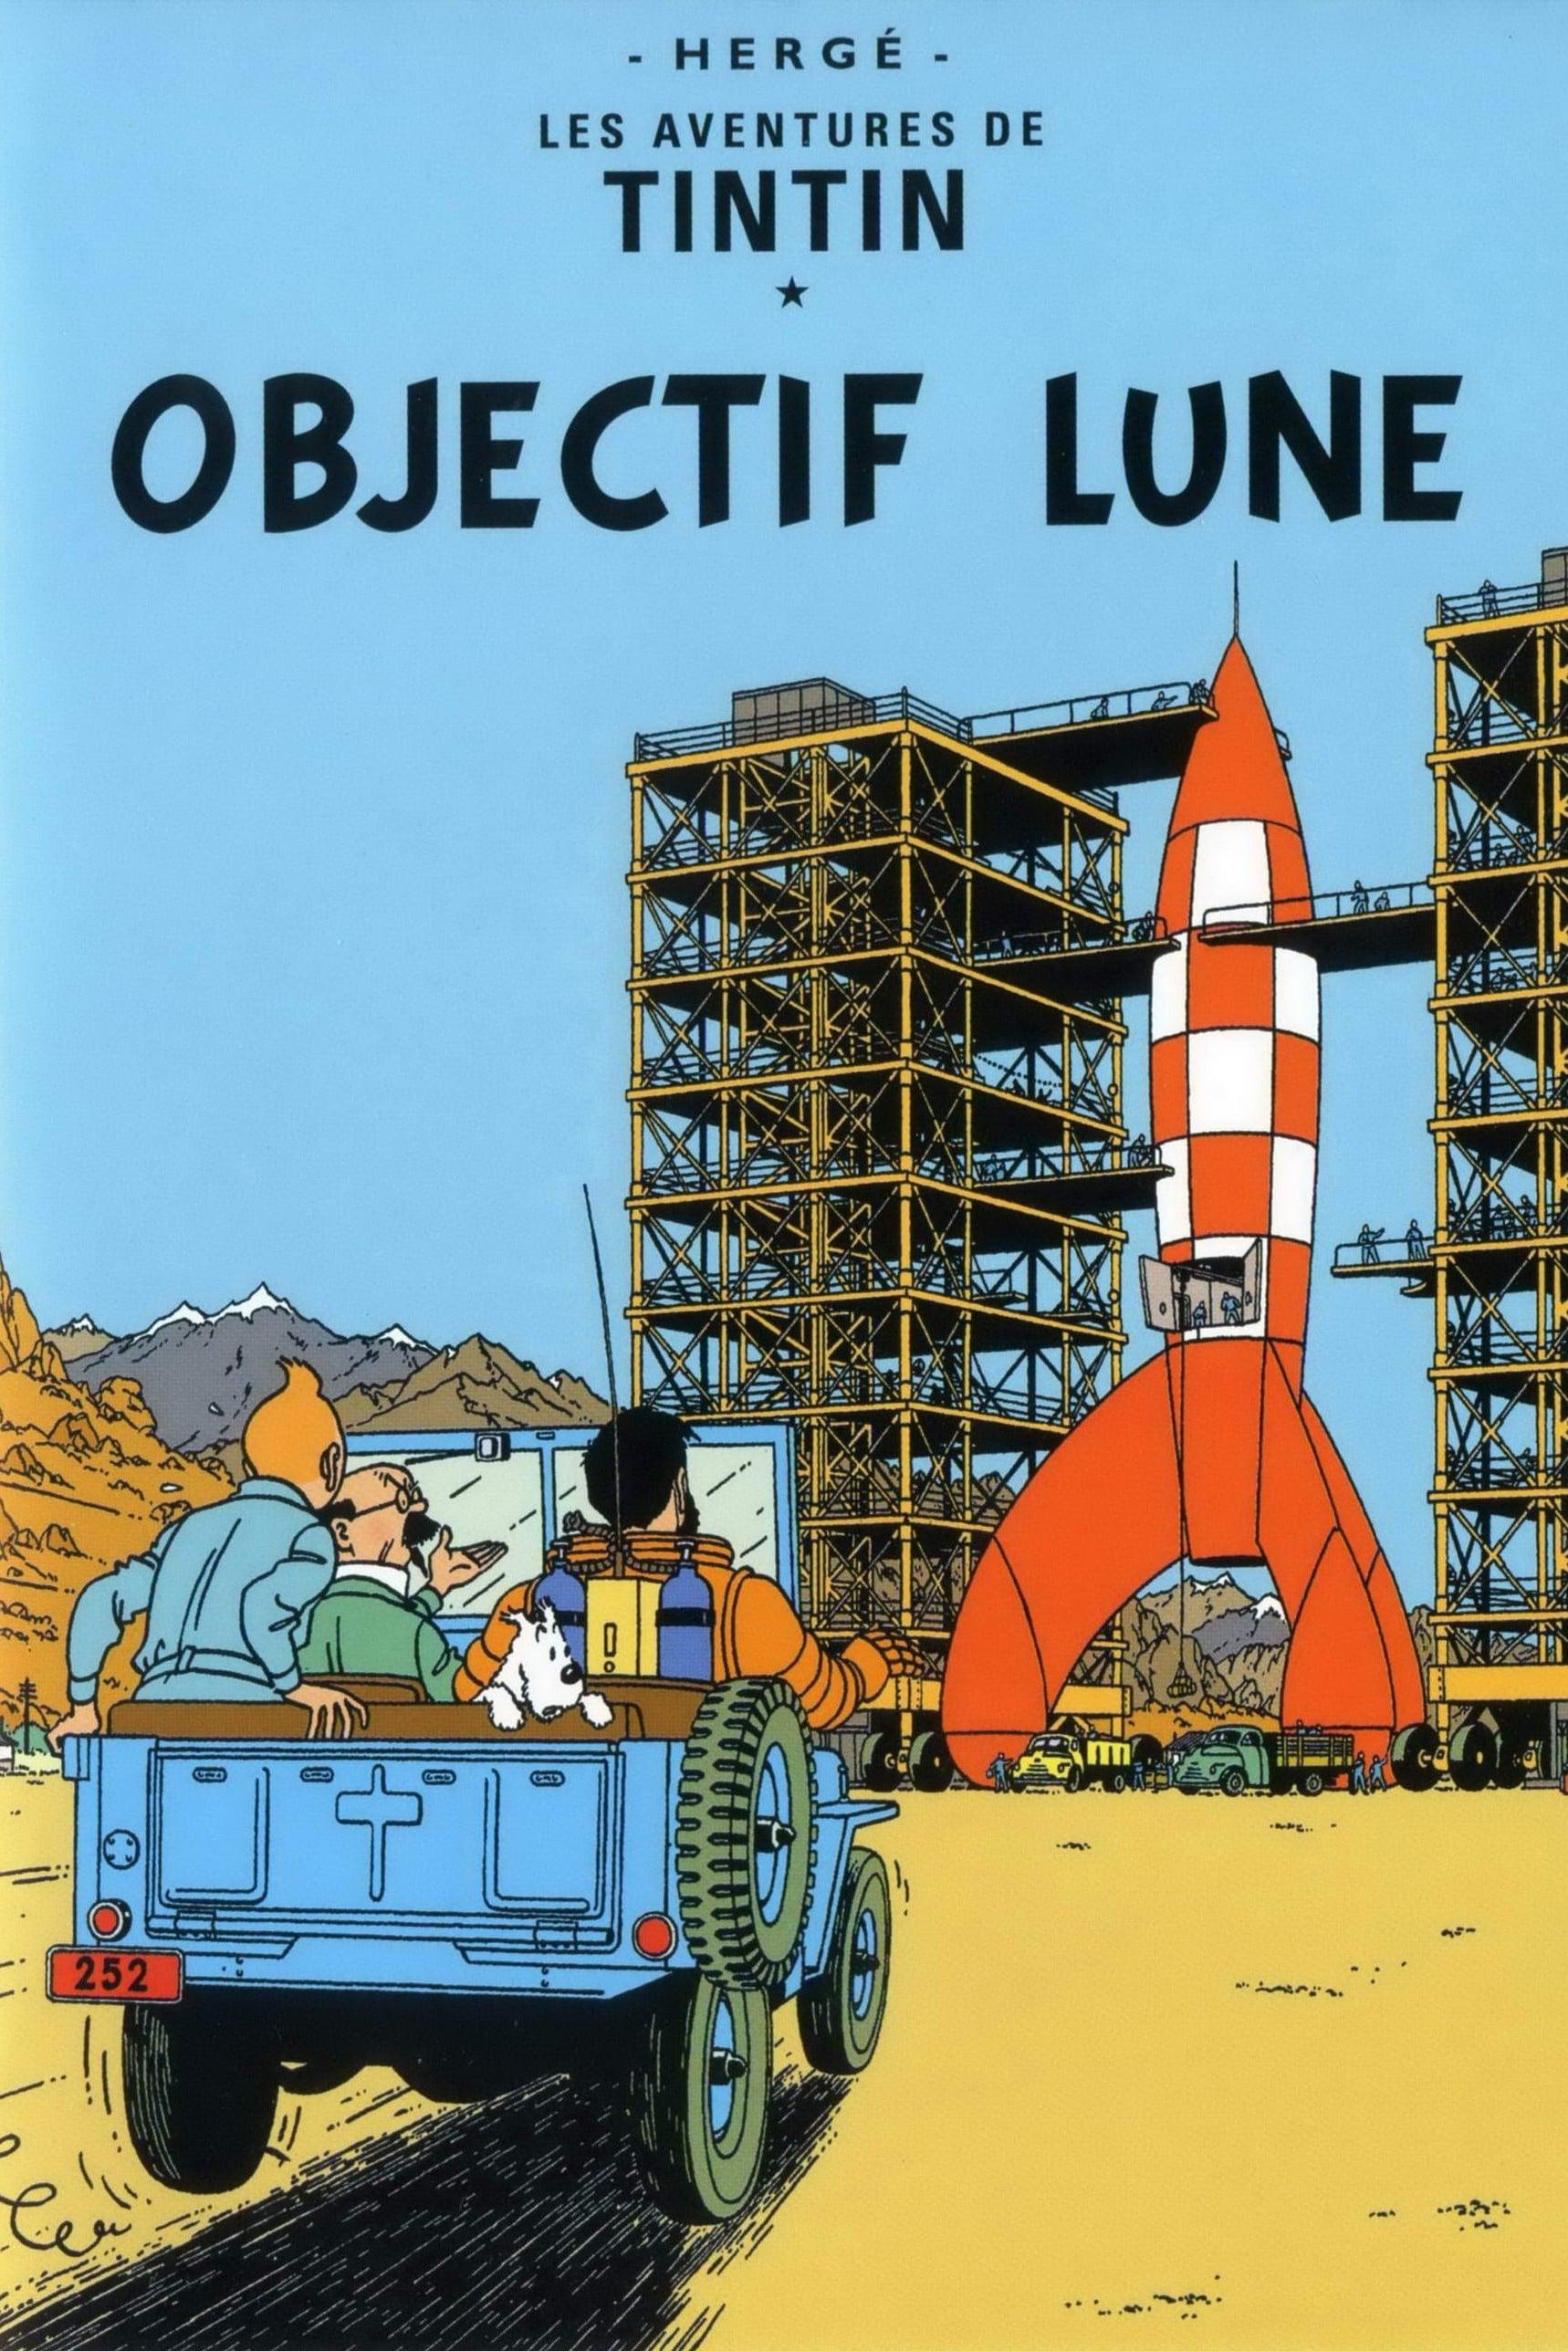 Les-Aventures-De-Tintin-14-Objectif-Lune-Destination-Moon-19